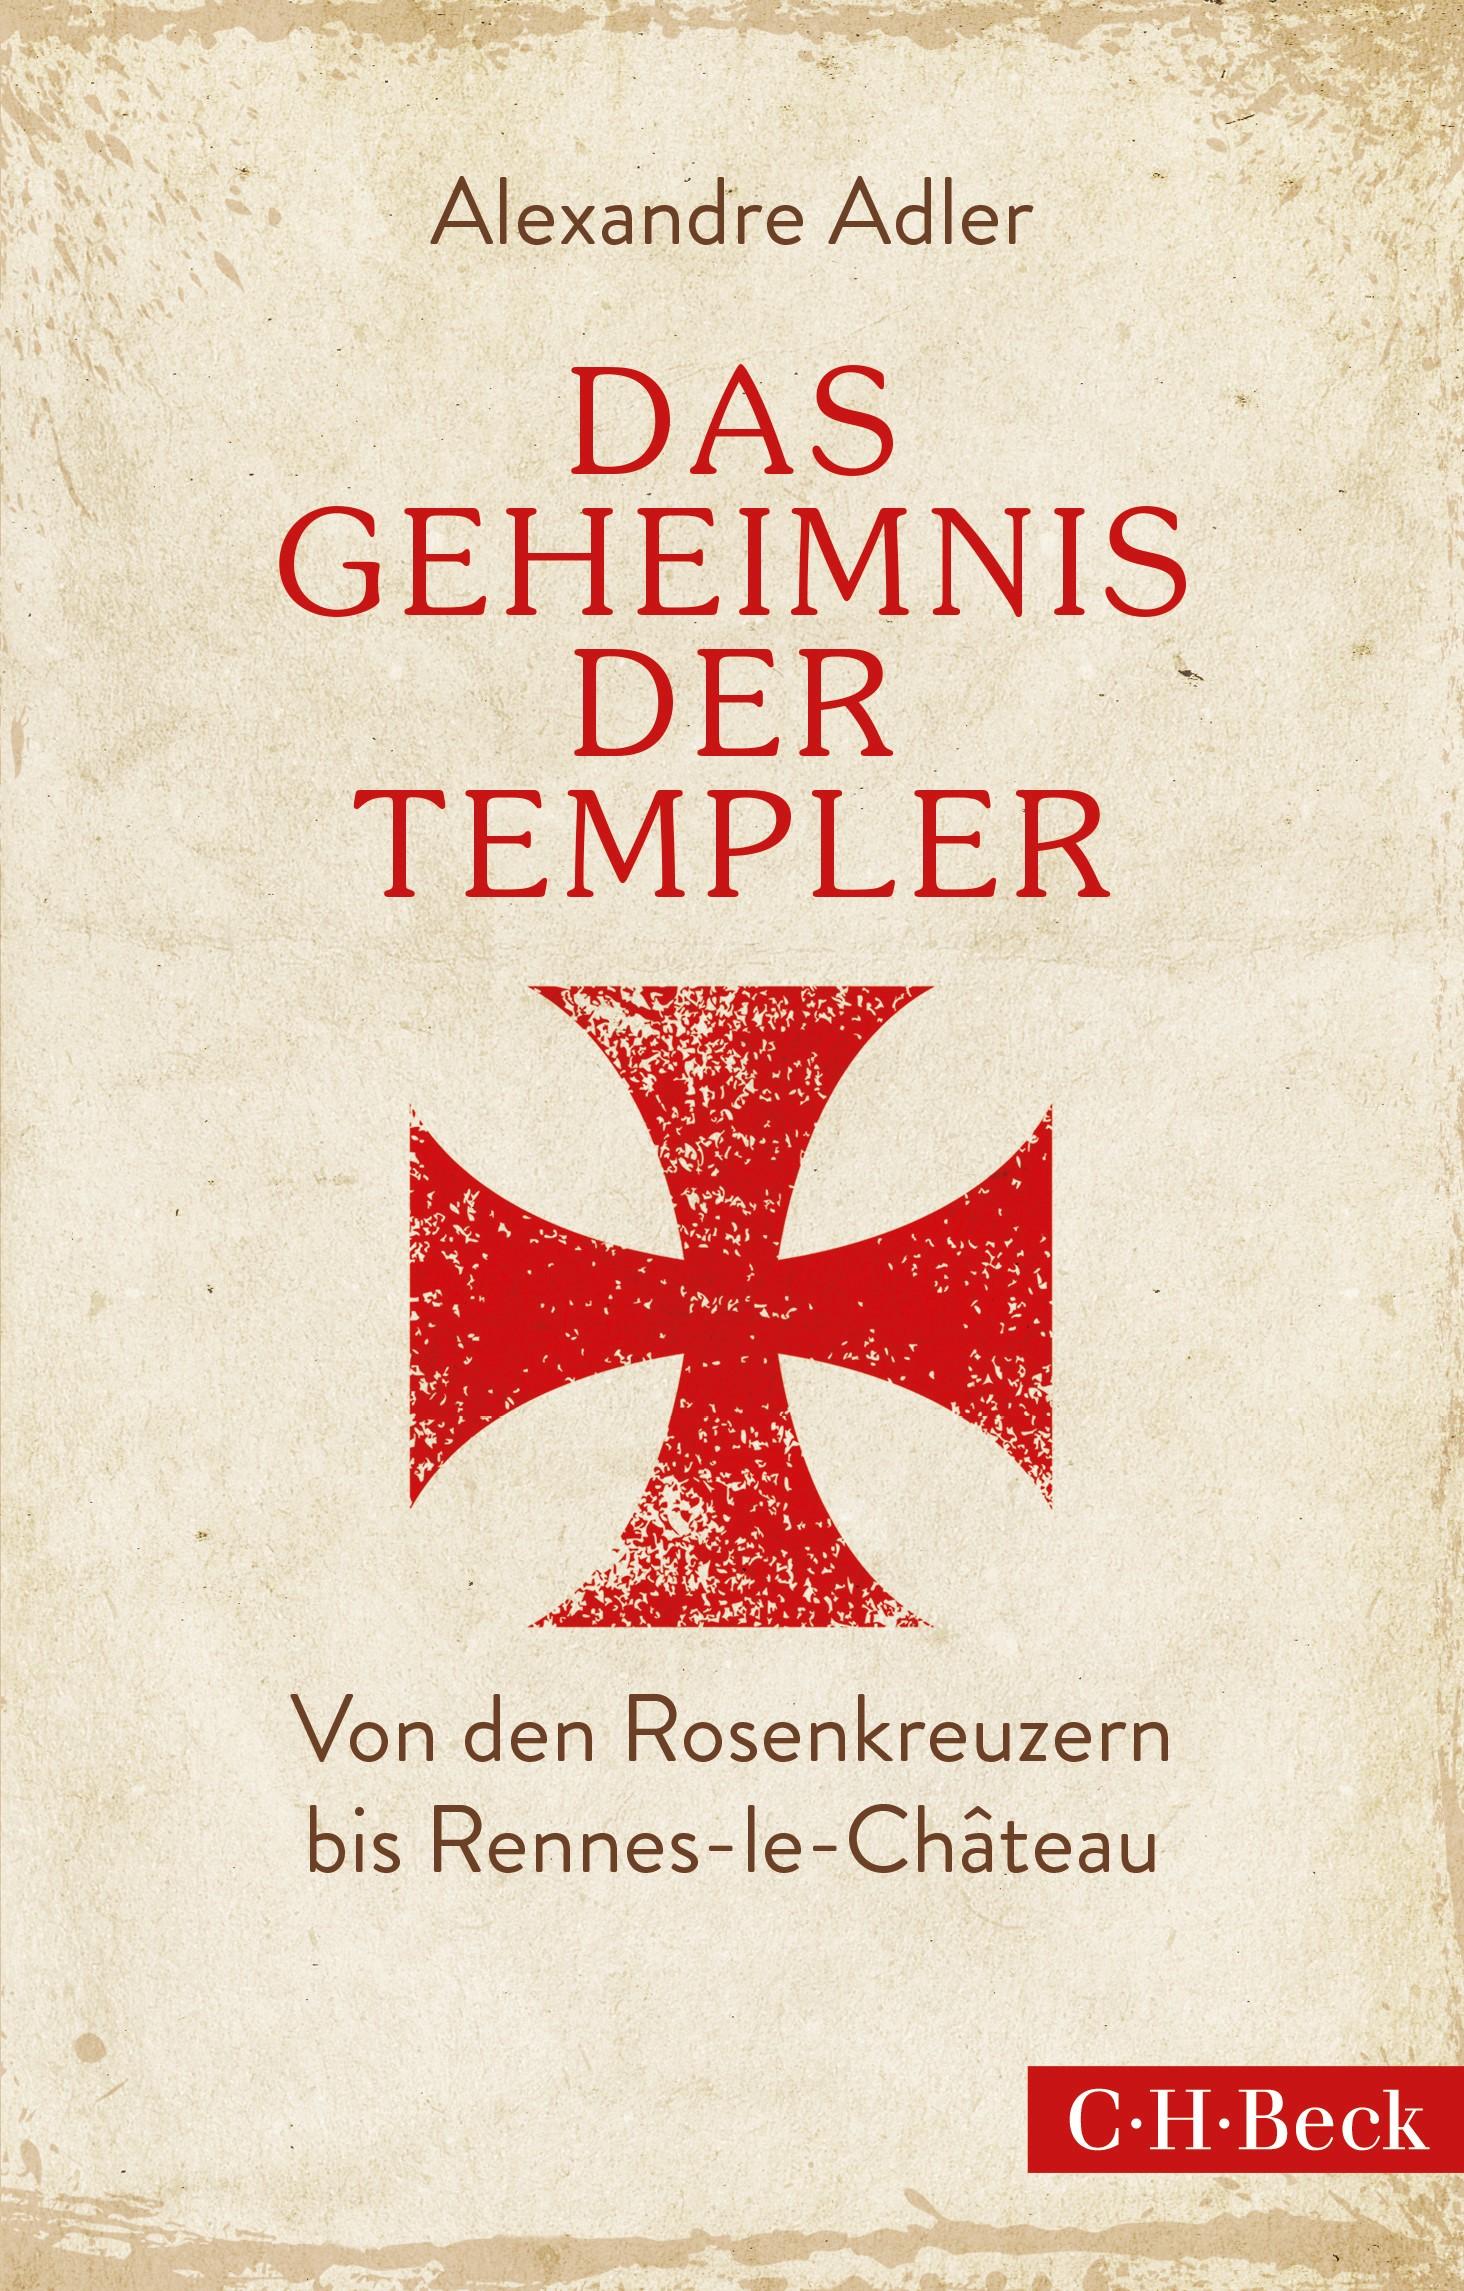 Das Geheimnis der Templer | Adler, Alexandre, 2015 | Buch (Cover)